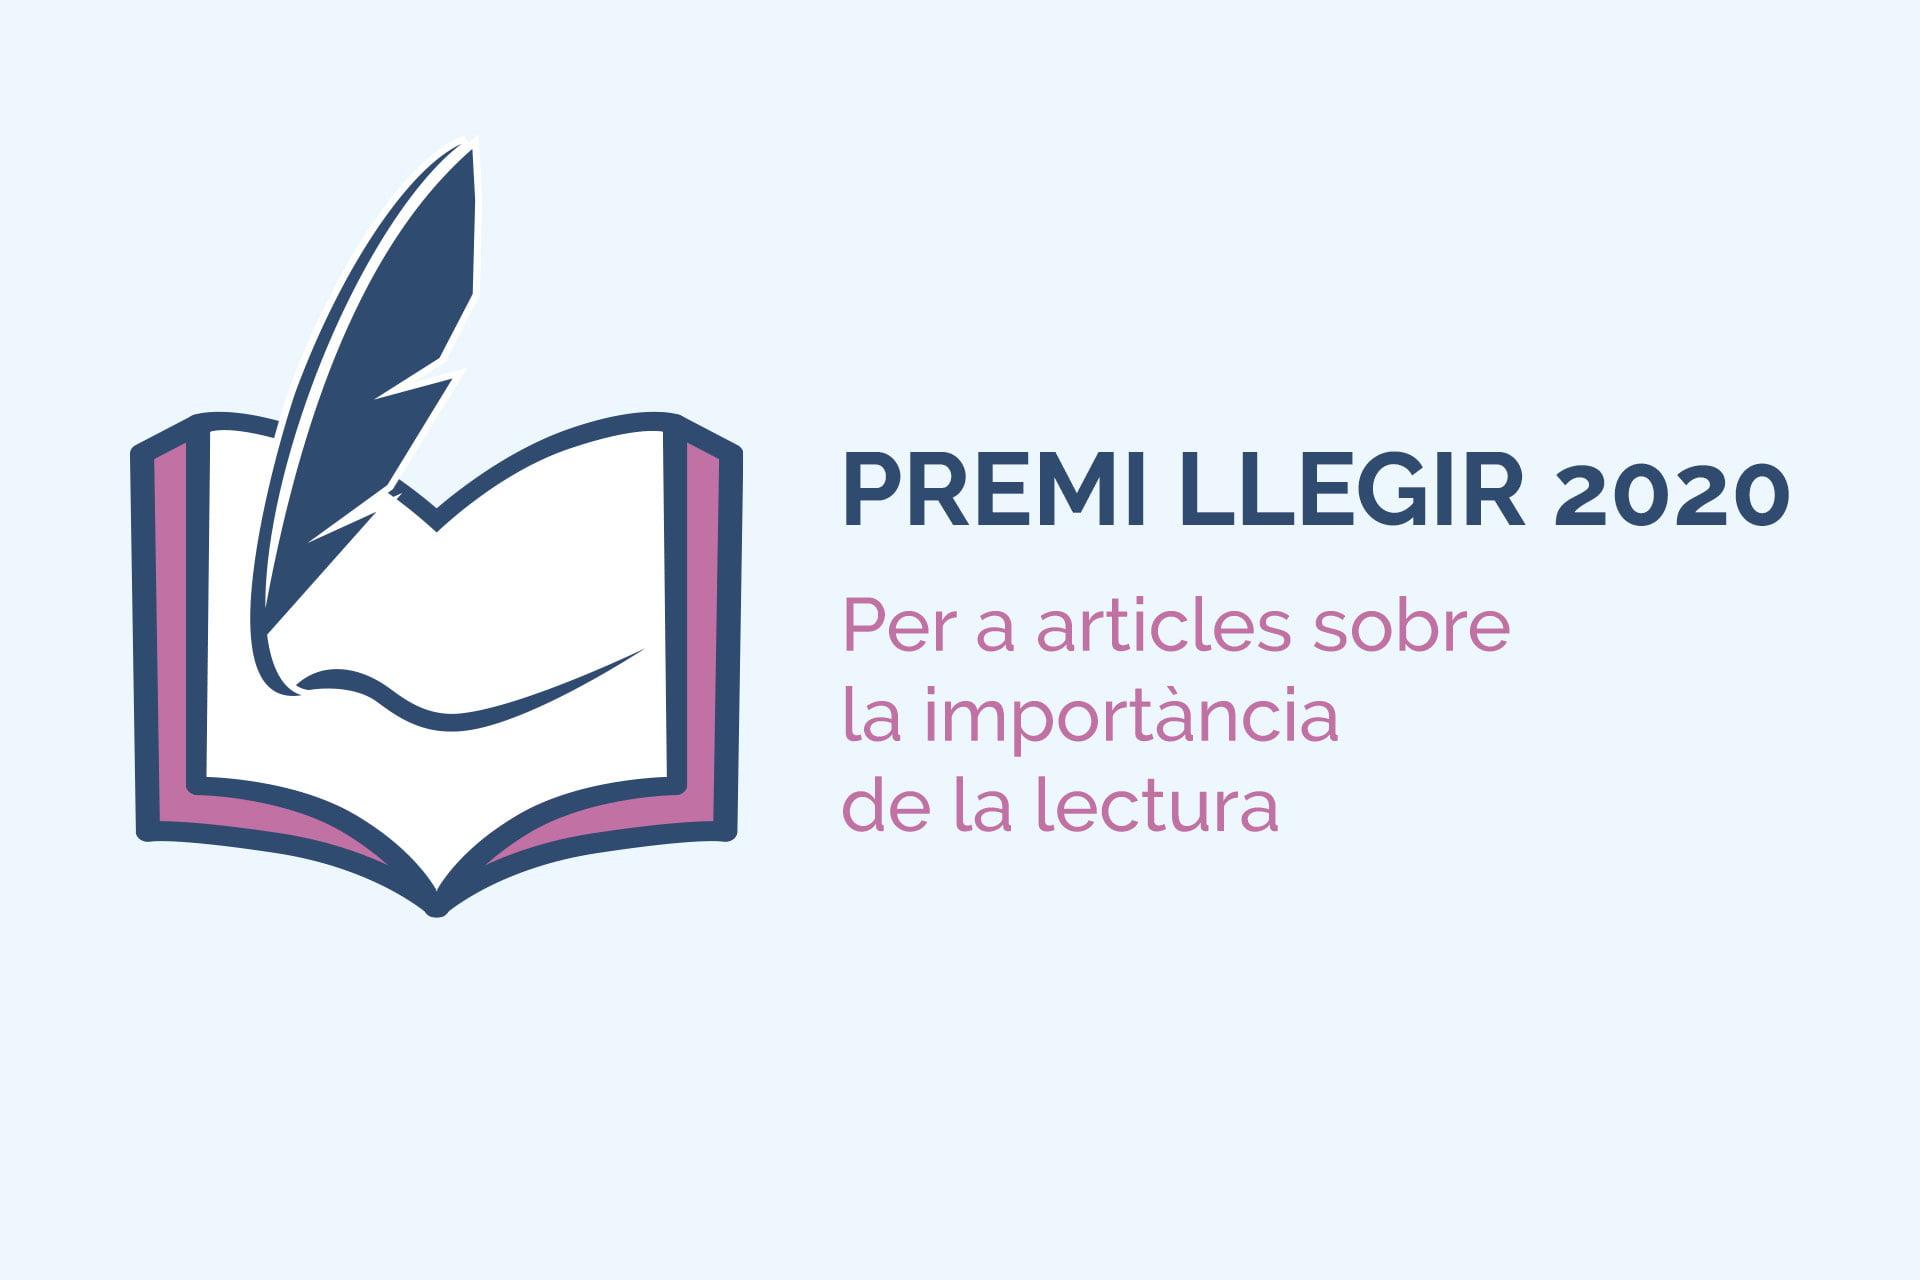 Pilar Alfonso guanya el Premi Llegir 2020